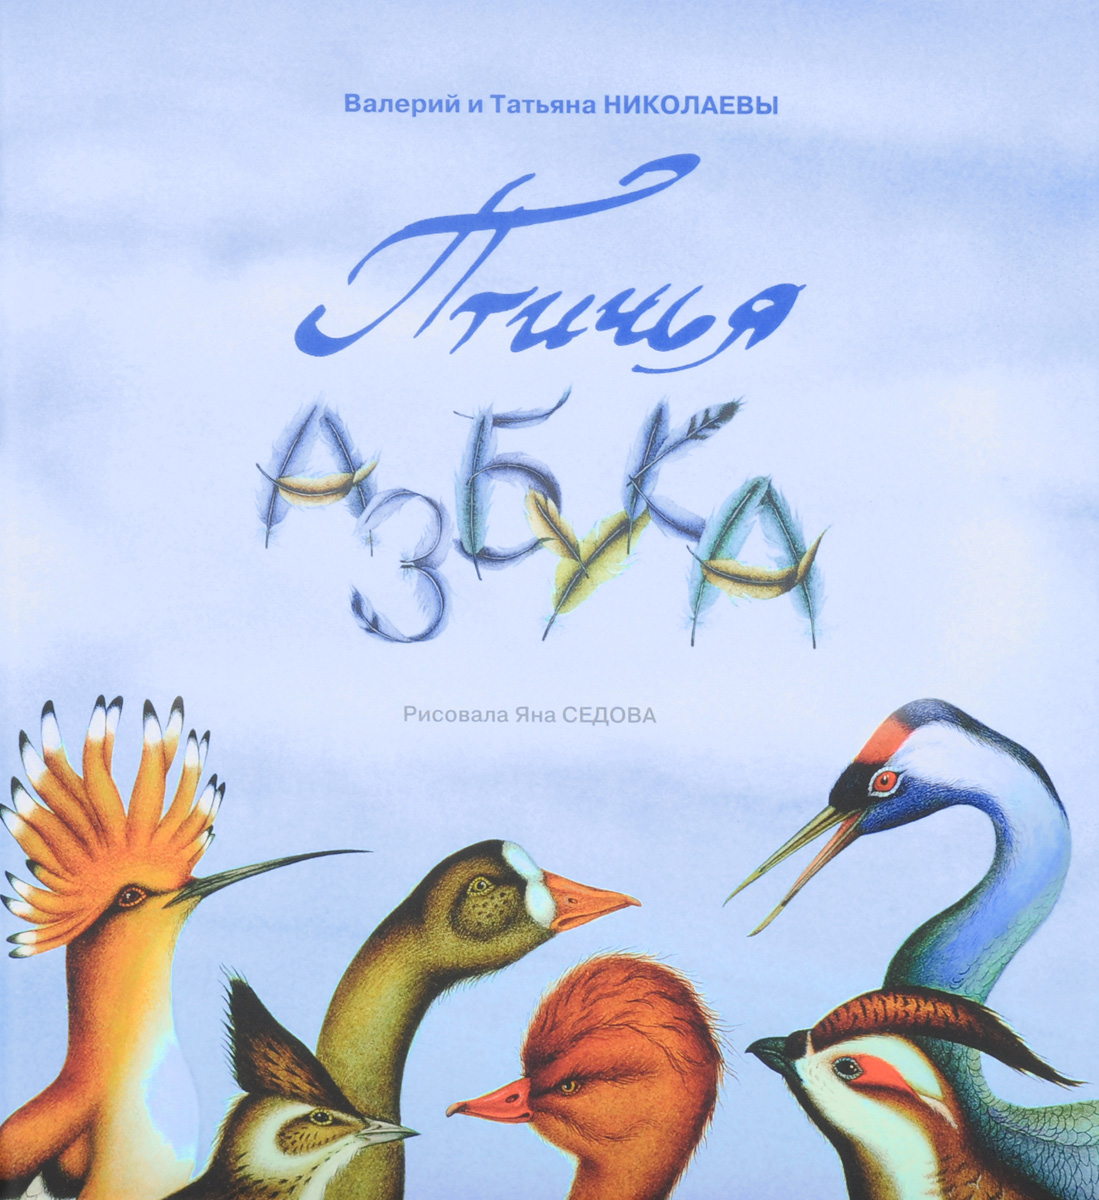 Татьяна Николаева, Валерий Николаев Птичья азбука